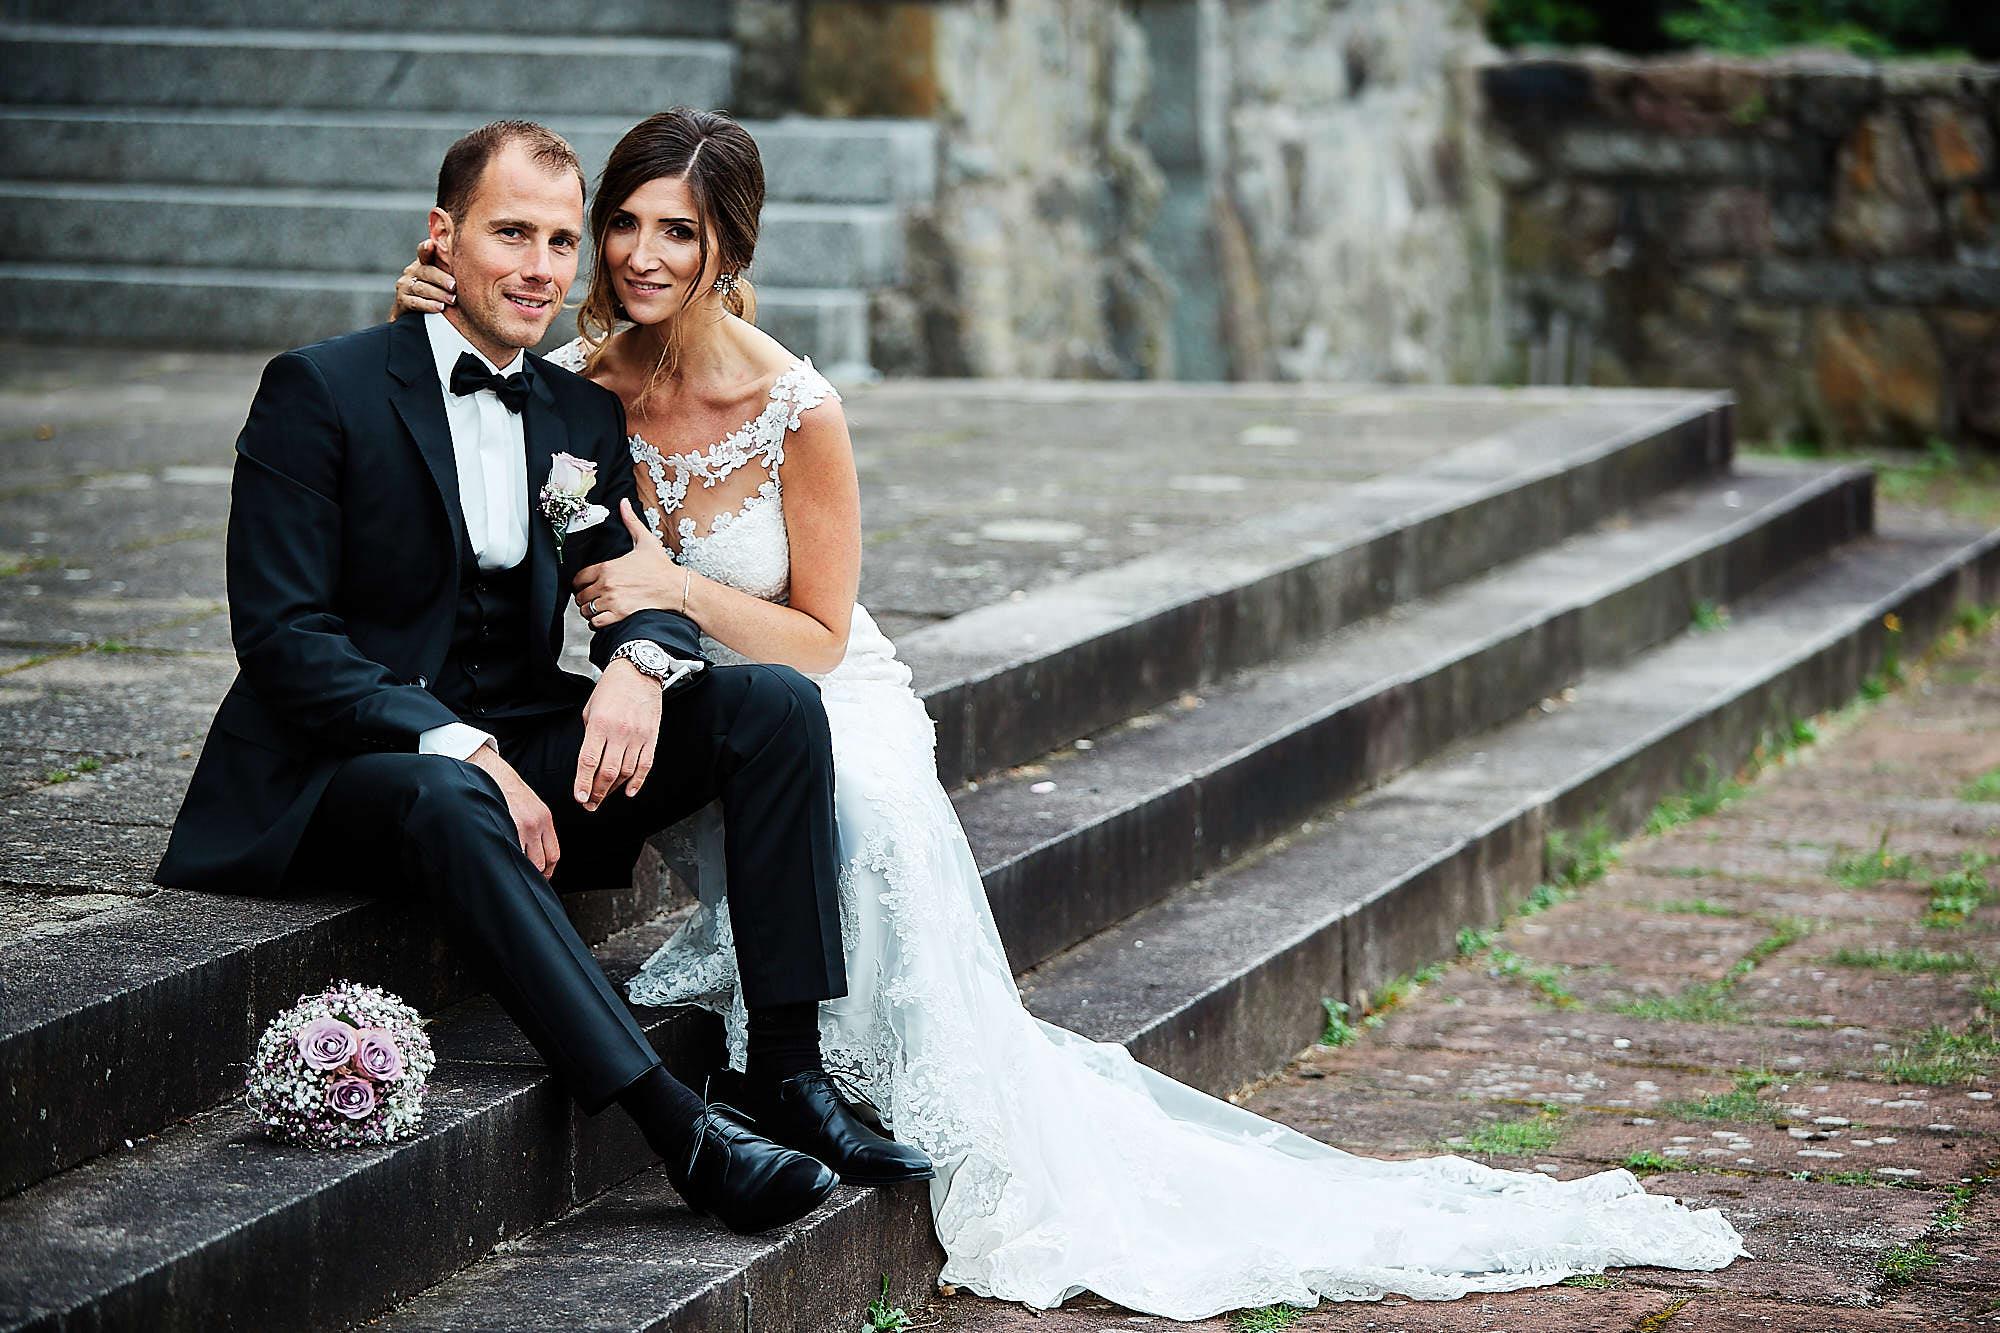 PRE- UND AFTER-WEDDING-SHOOTING-kontakt onelovephoto hochzeitsfotograf mannheim heidelberg